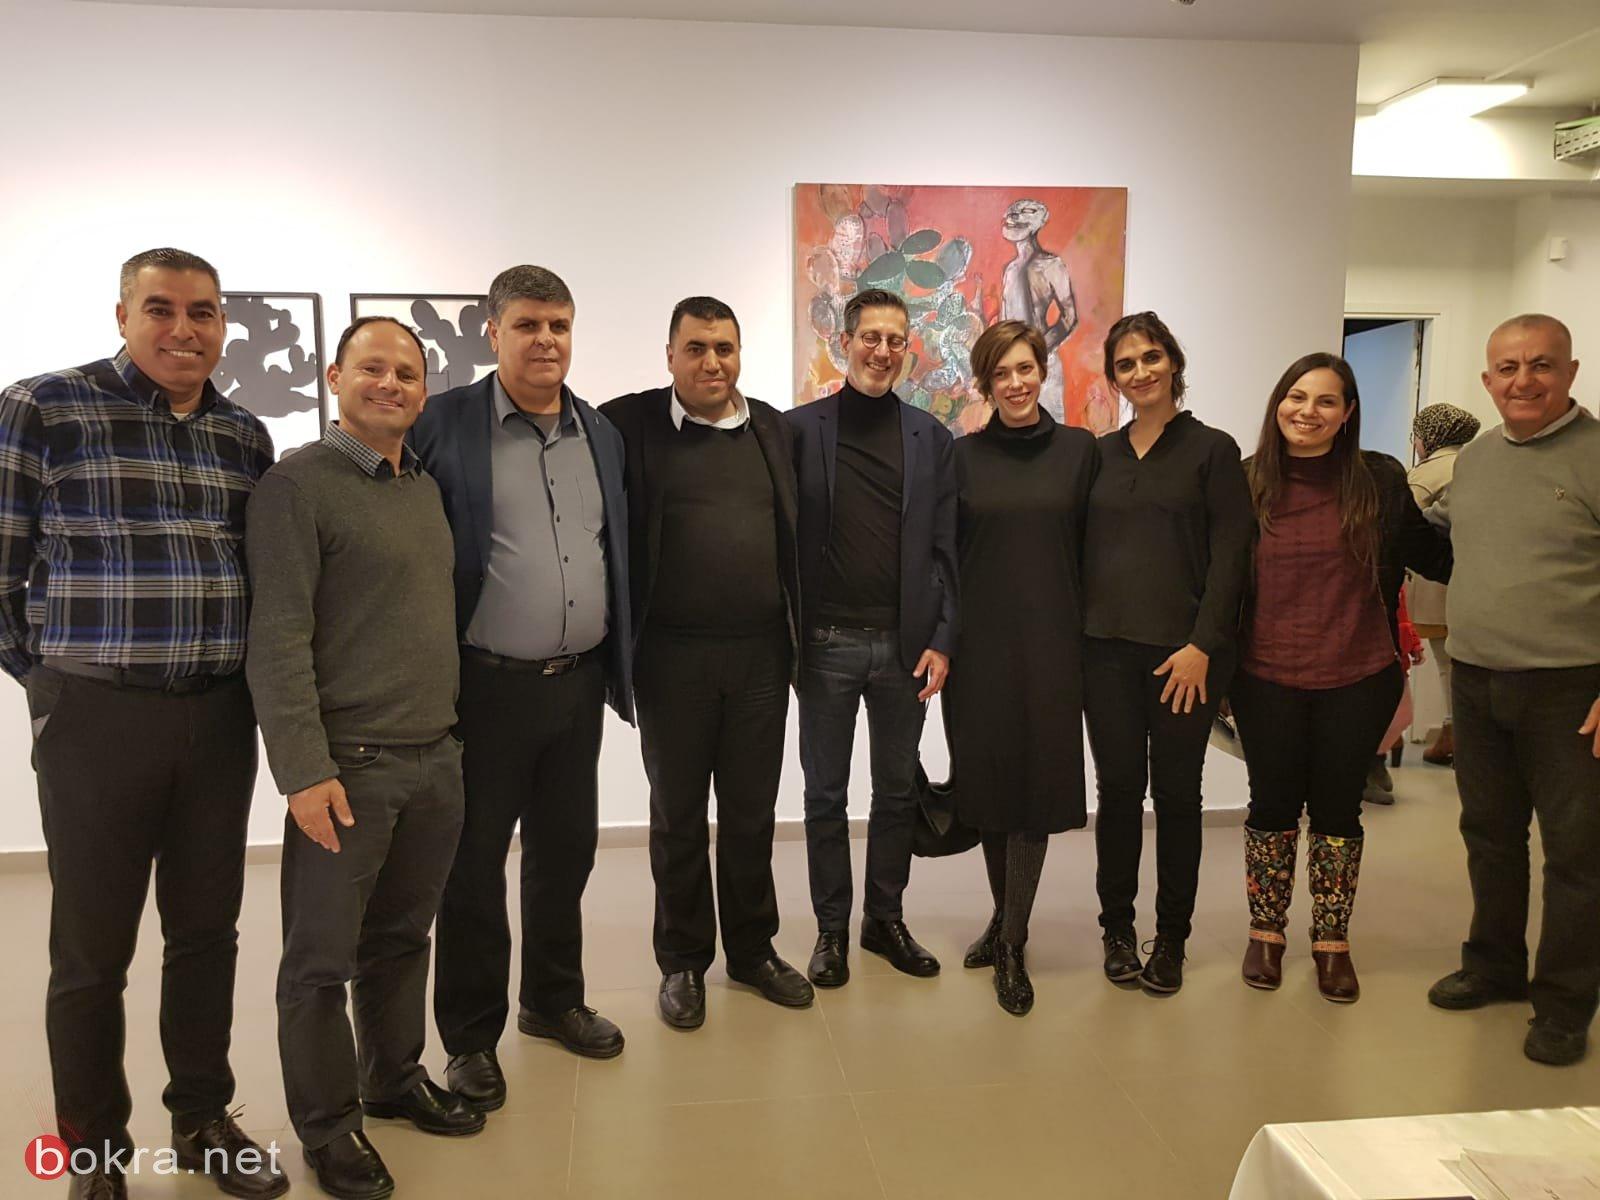 افتتاح مركز التمييز الفني رسميًا بشراكة بين اكاديمية بتسلئيل للفنون والتصميم وصندوق روتشيلك وصالة العرض أم الفحم